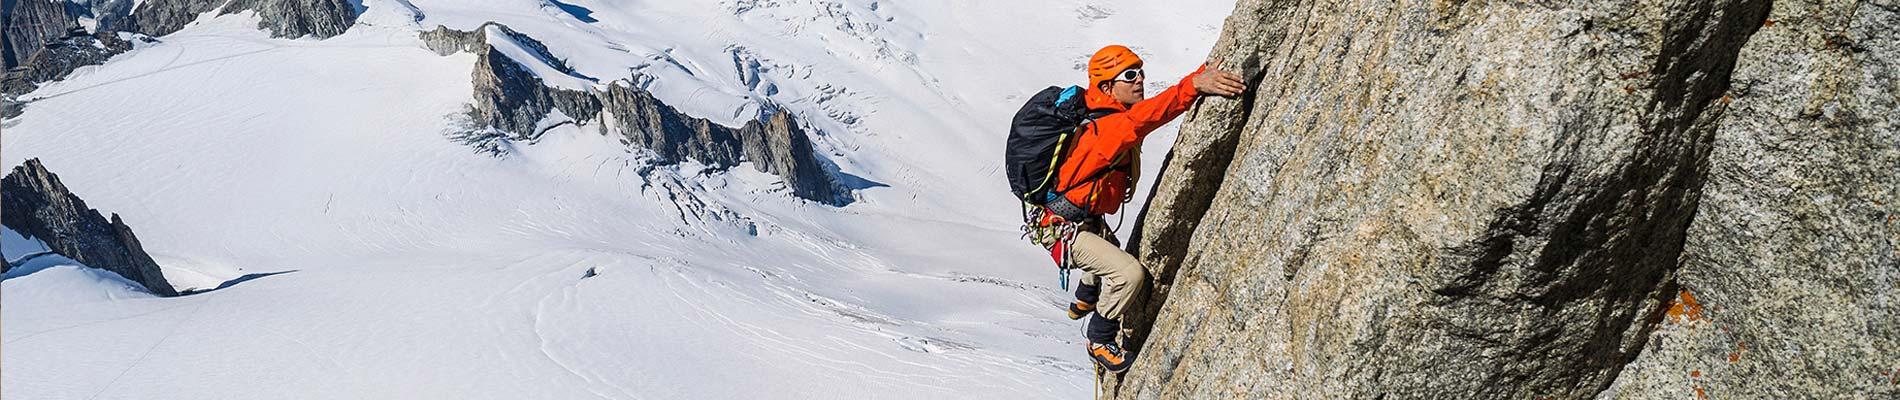 Горная обувь для восхождений и походов в горах выше 4000 метров